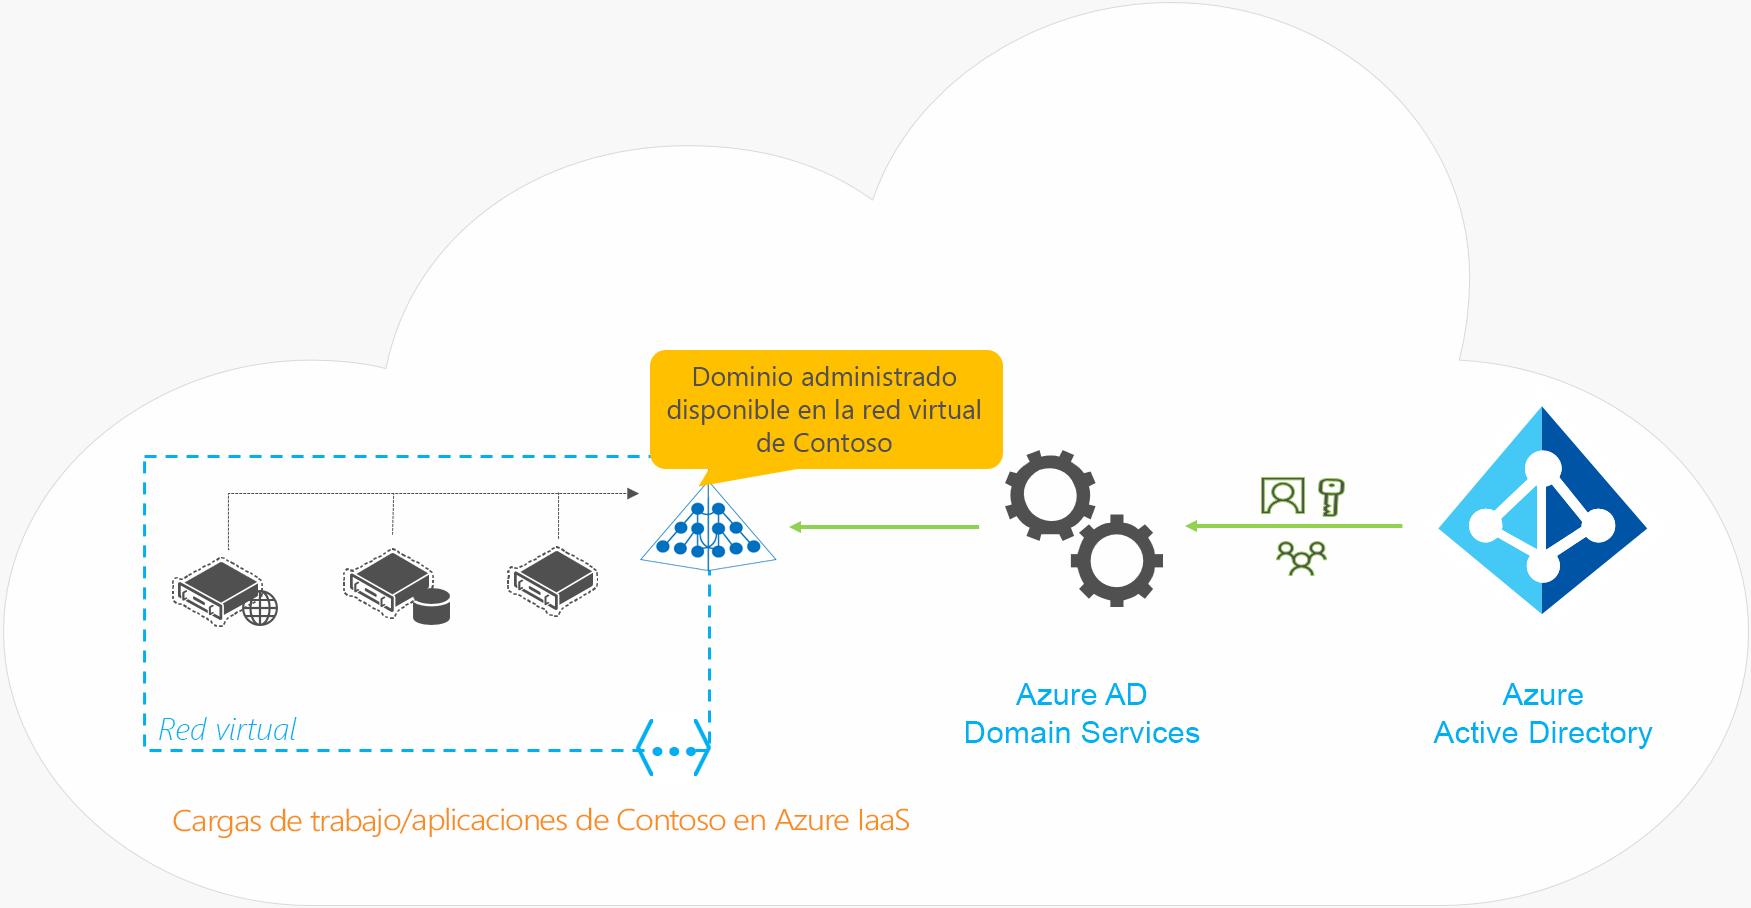 AzureActive Directory DomainServices para una organización solo en la nube sin sincronización fuera del entorno local